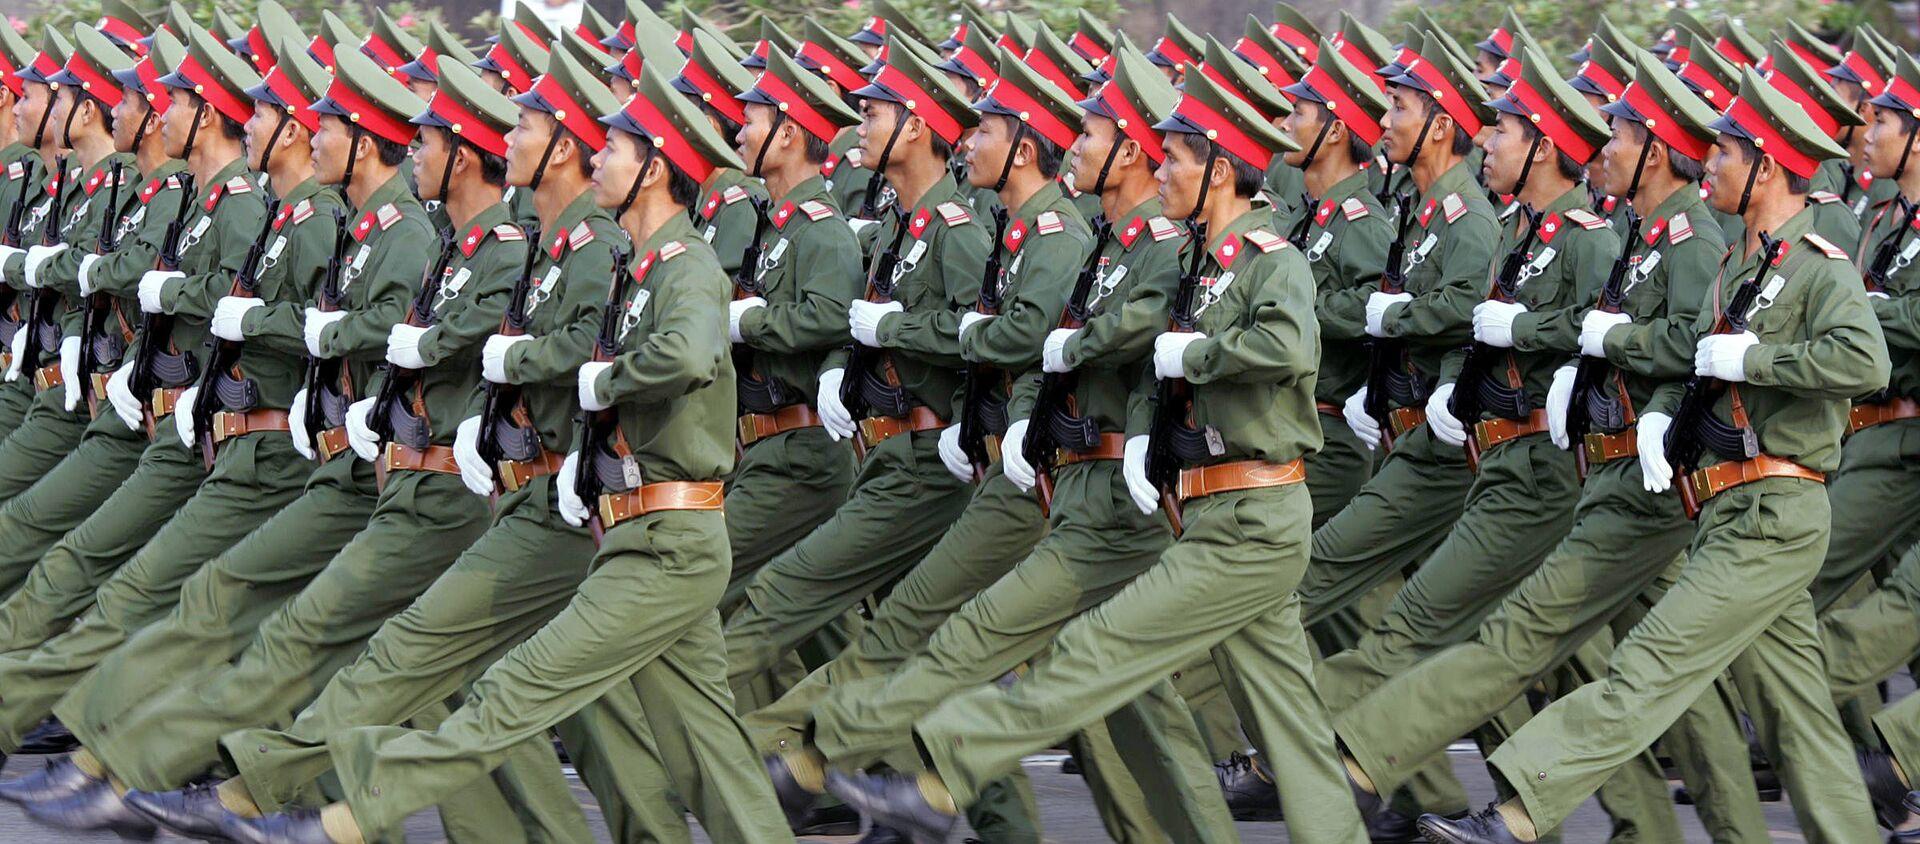 Các chiến sĩ Việt Nam - Sputnik Việt Nam, 1920, 08.09.2021